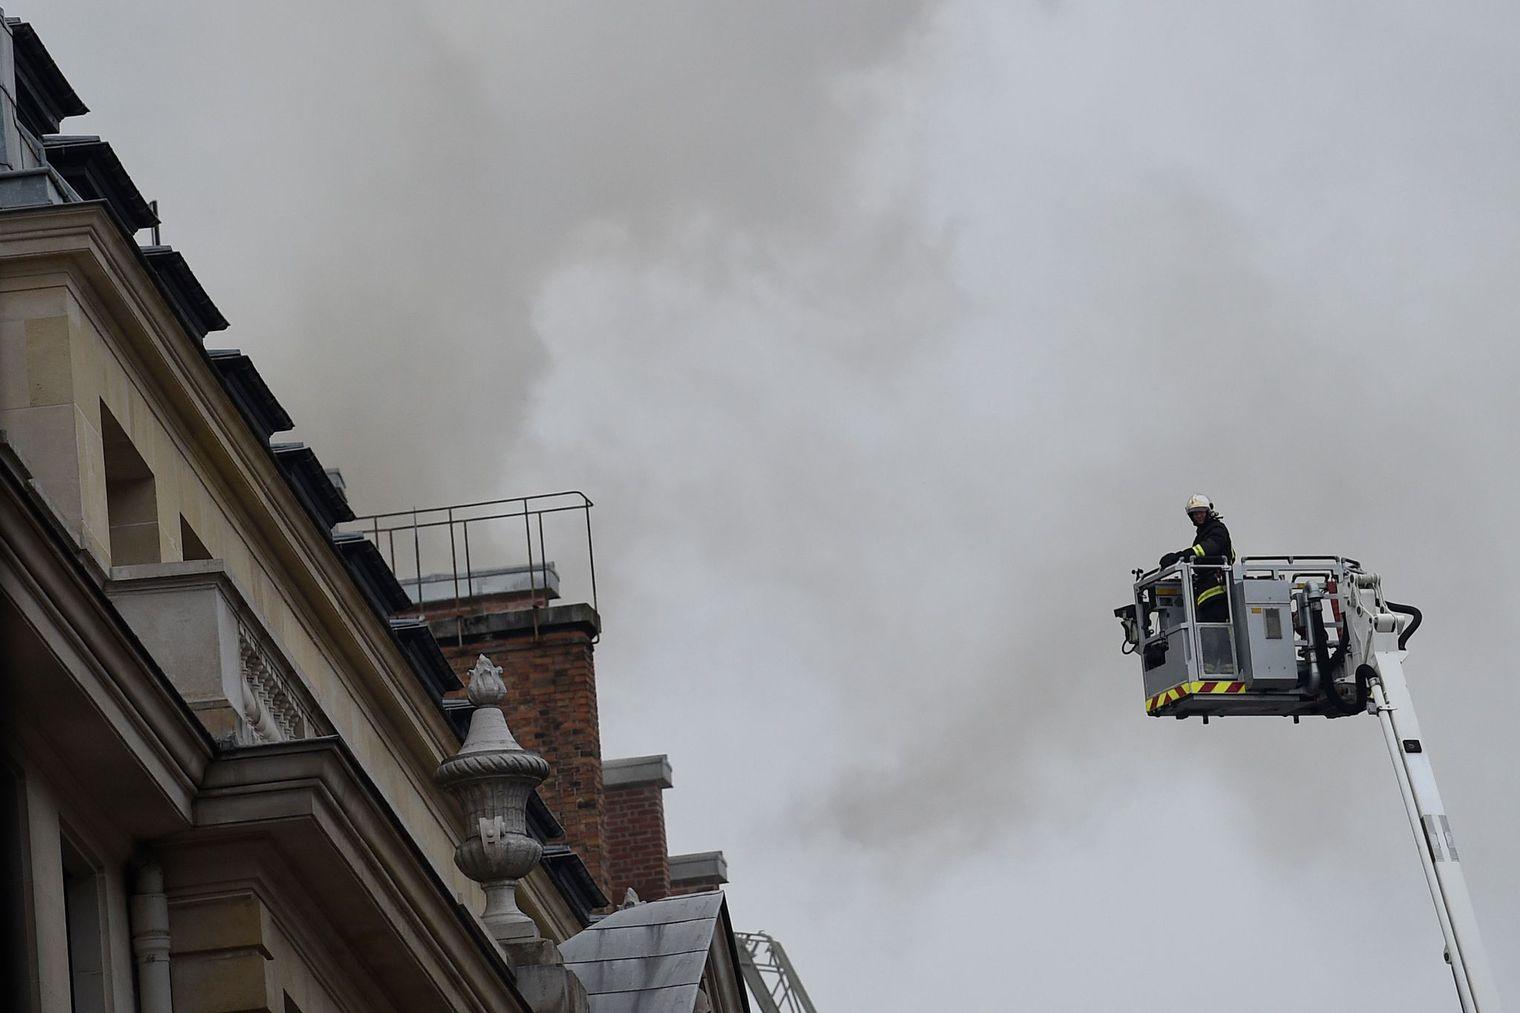 Incendie maîtrisé à l'hôtel Ritz à Paris, pas de victime